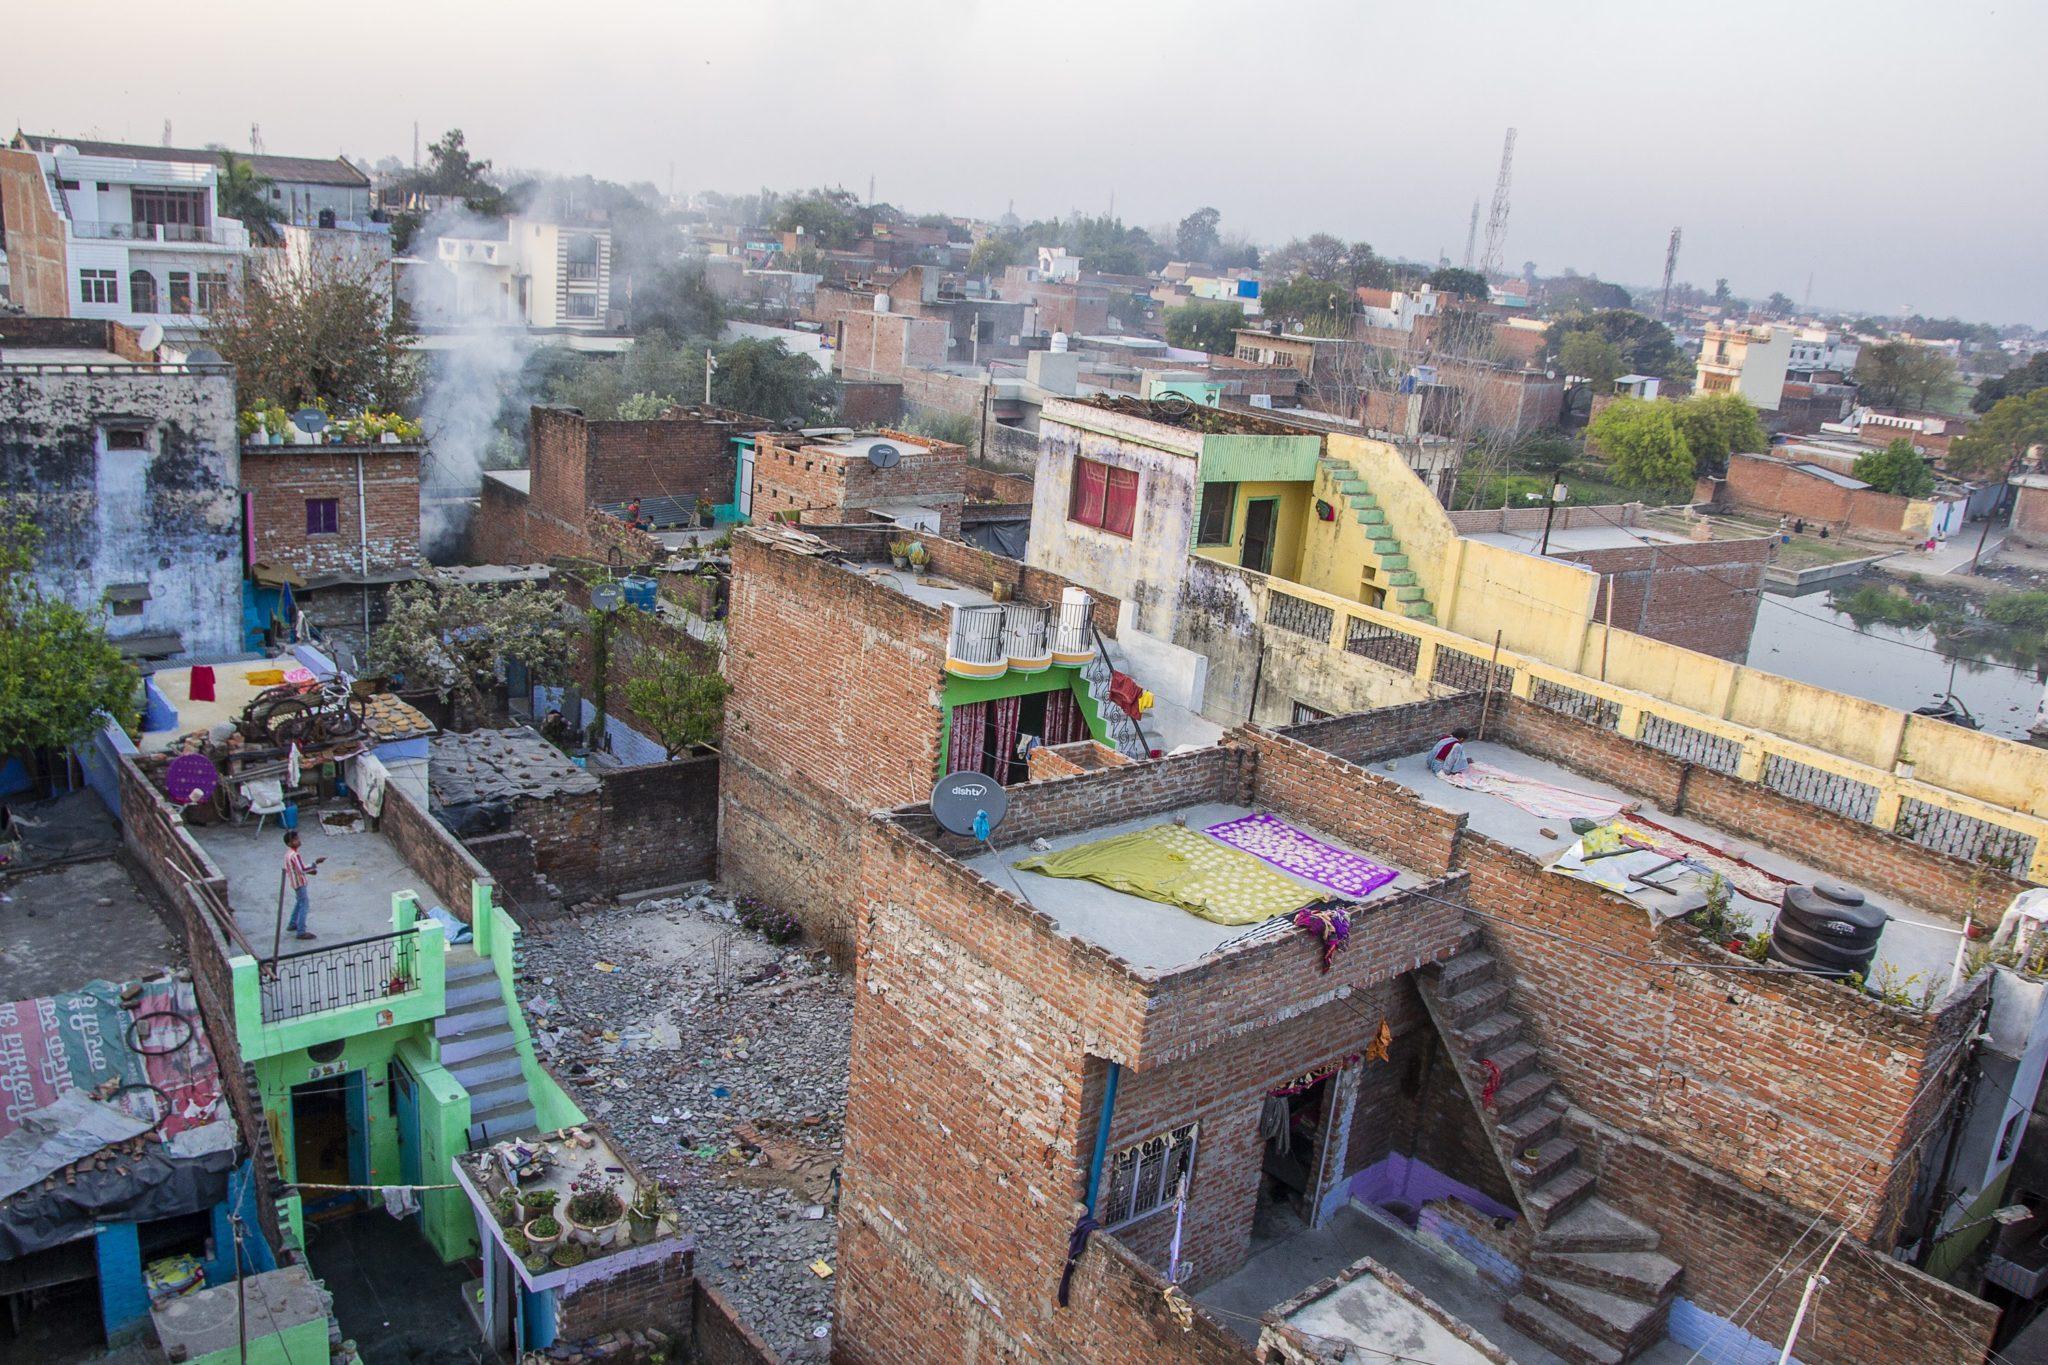 Nejlepší místo připojení v Indii